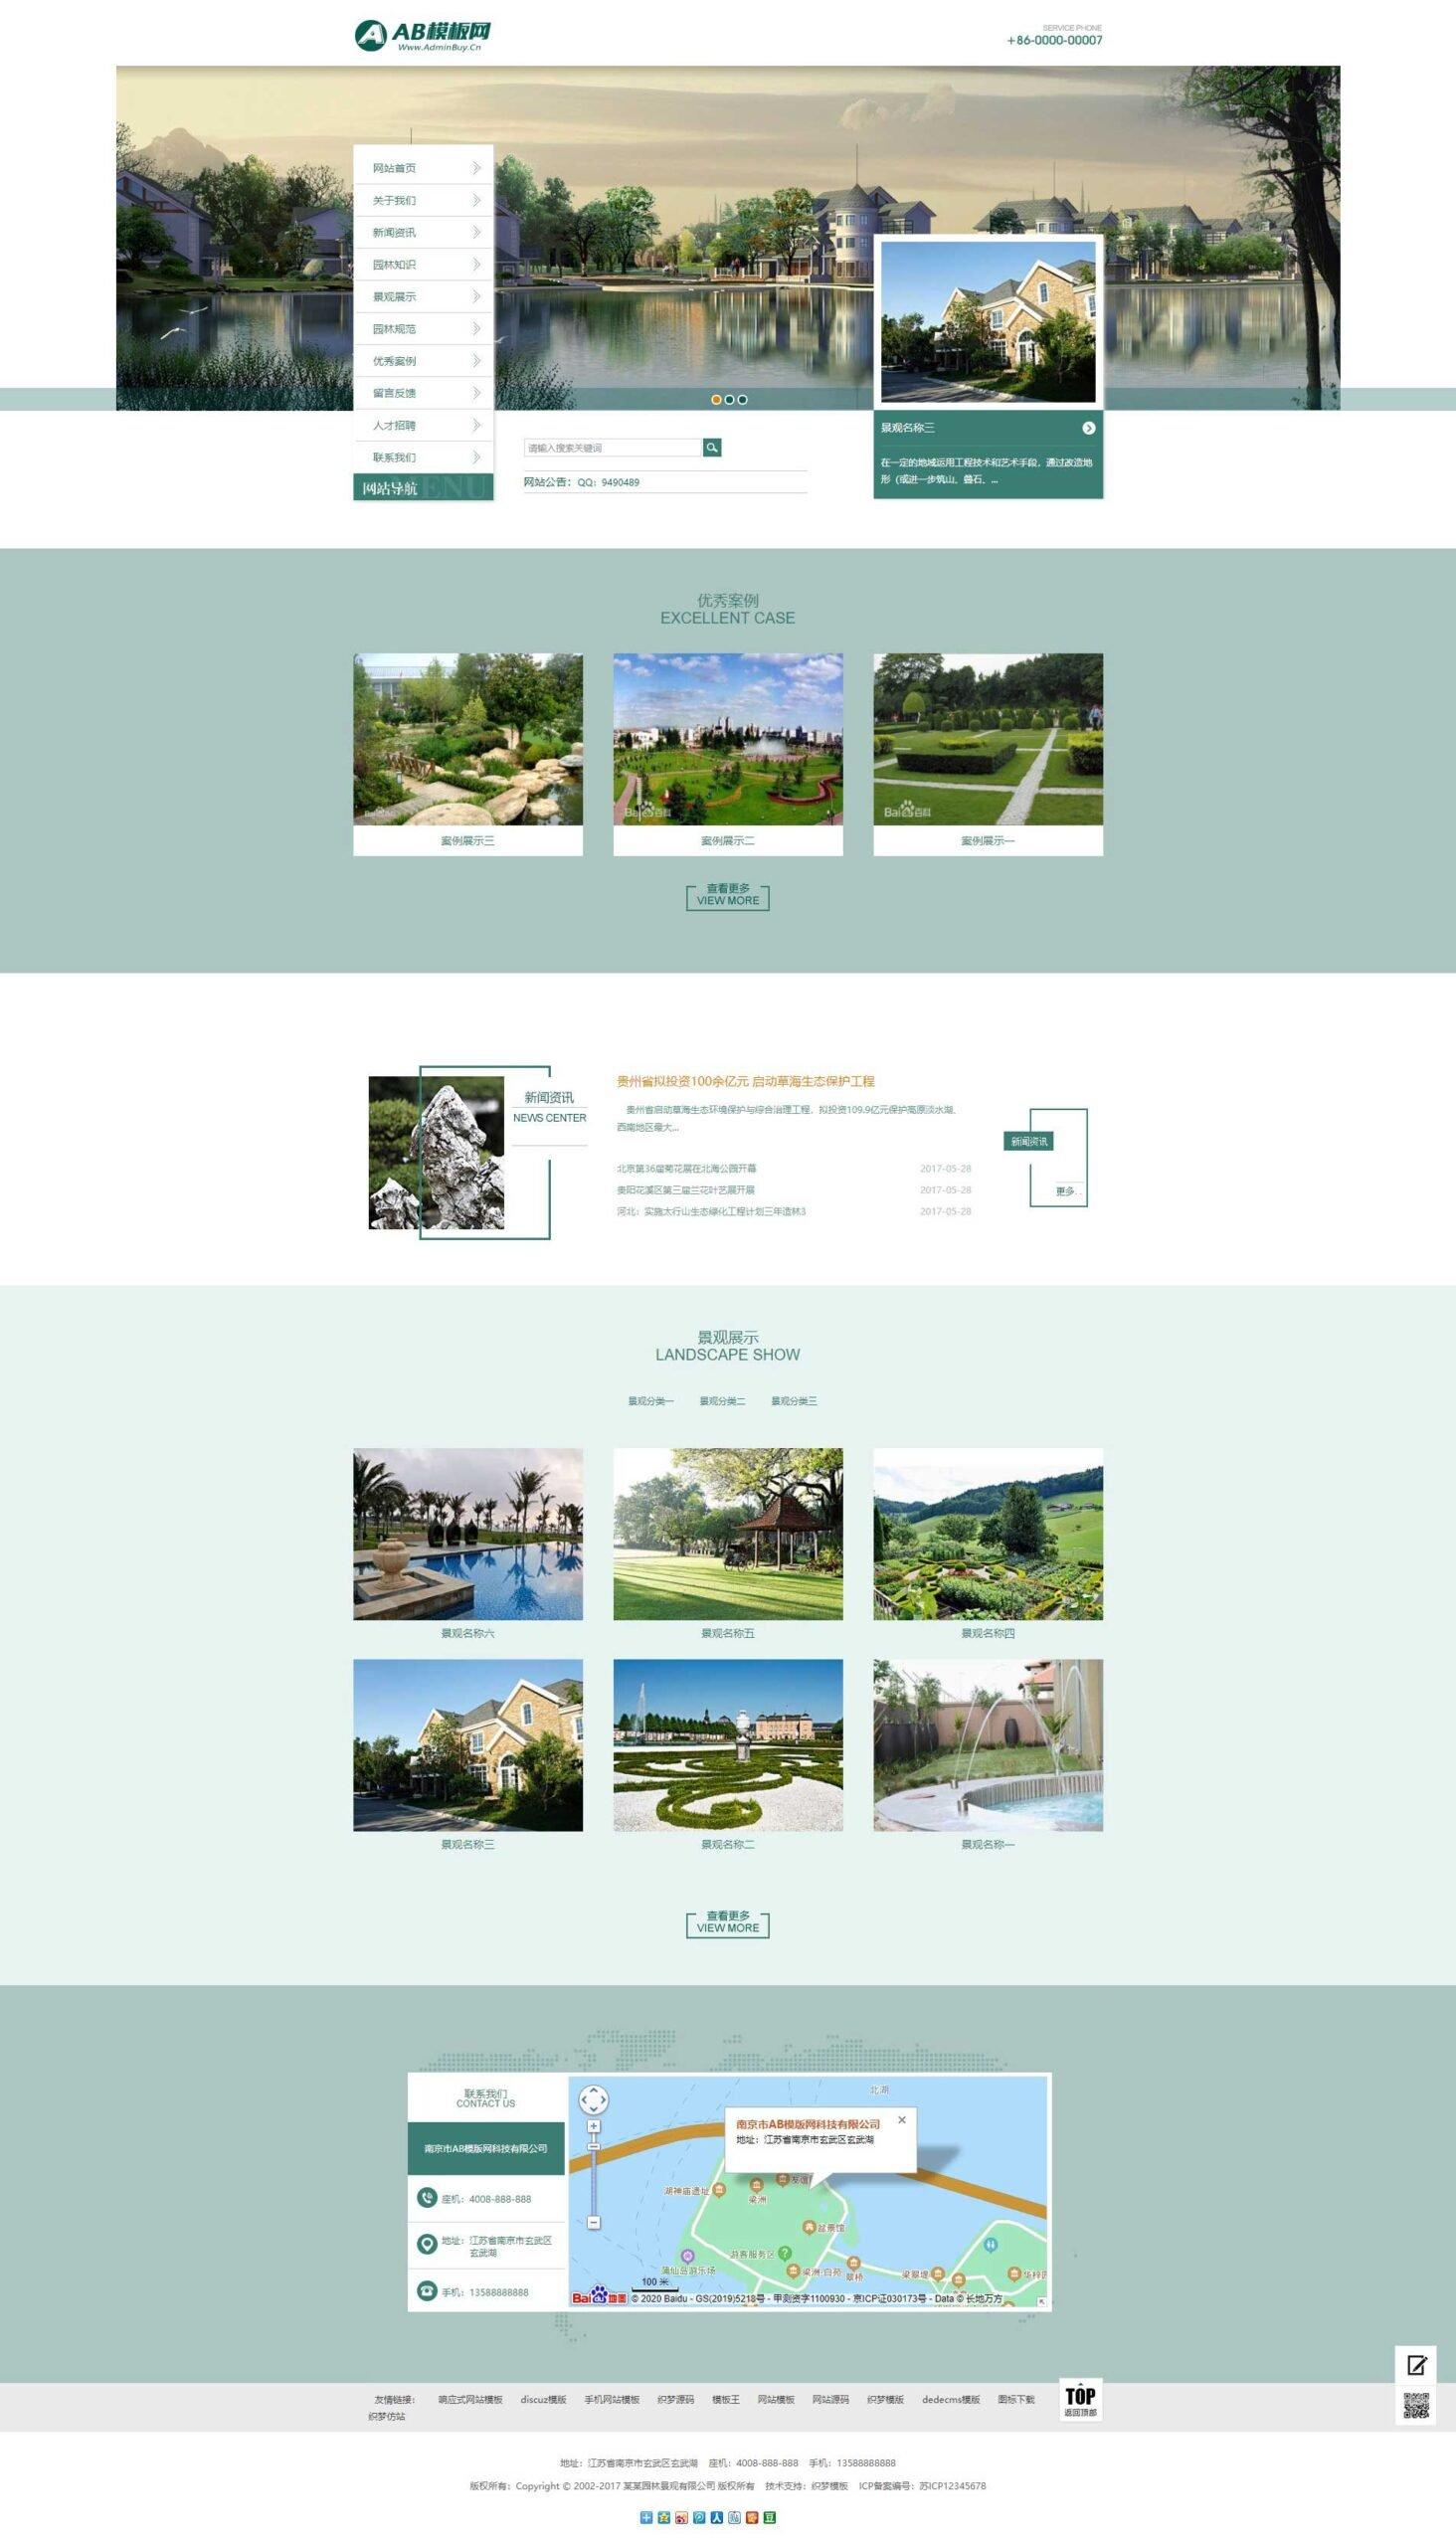 园林建筑企业网站织梦dede模板源码[带手机版数据同步]插图